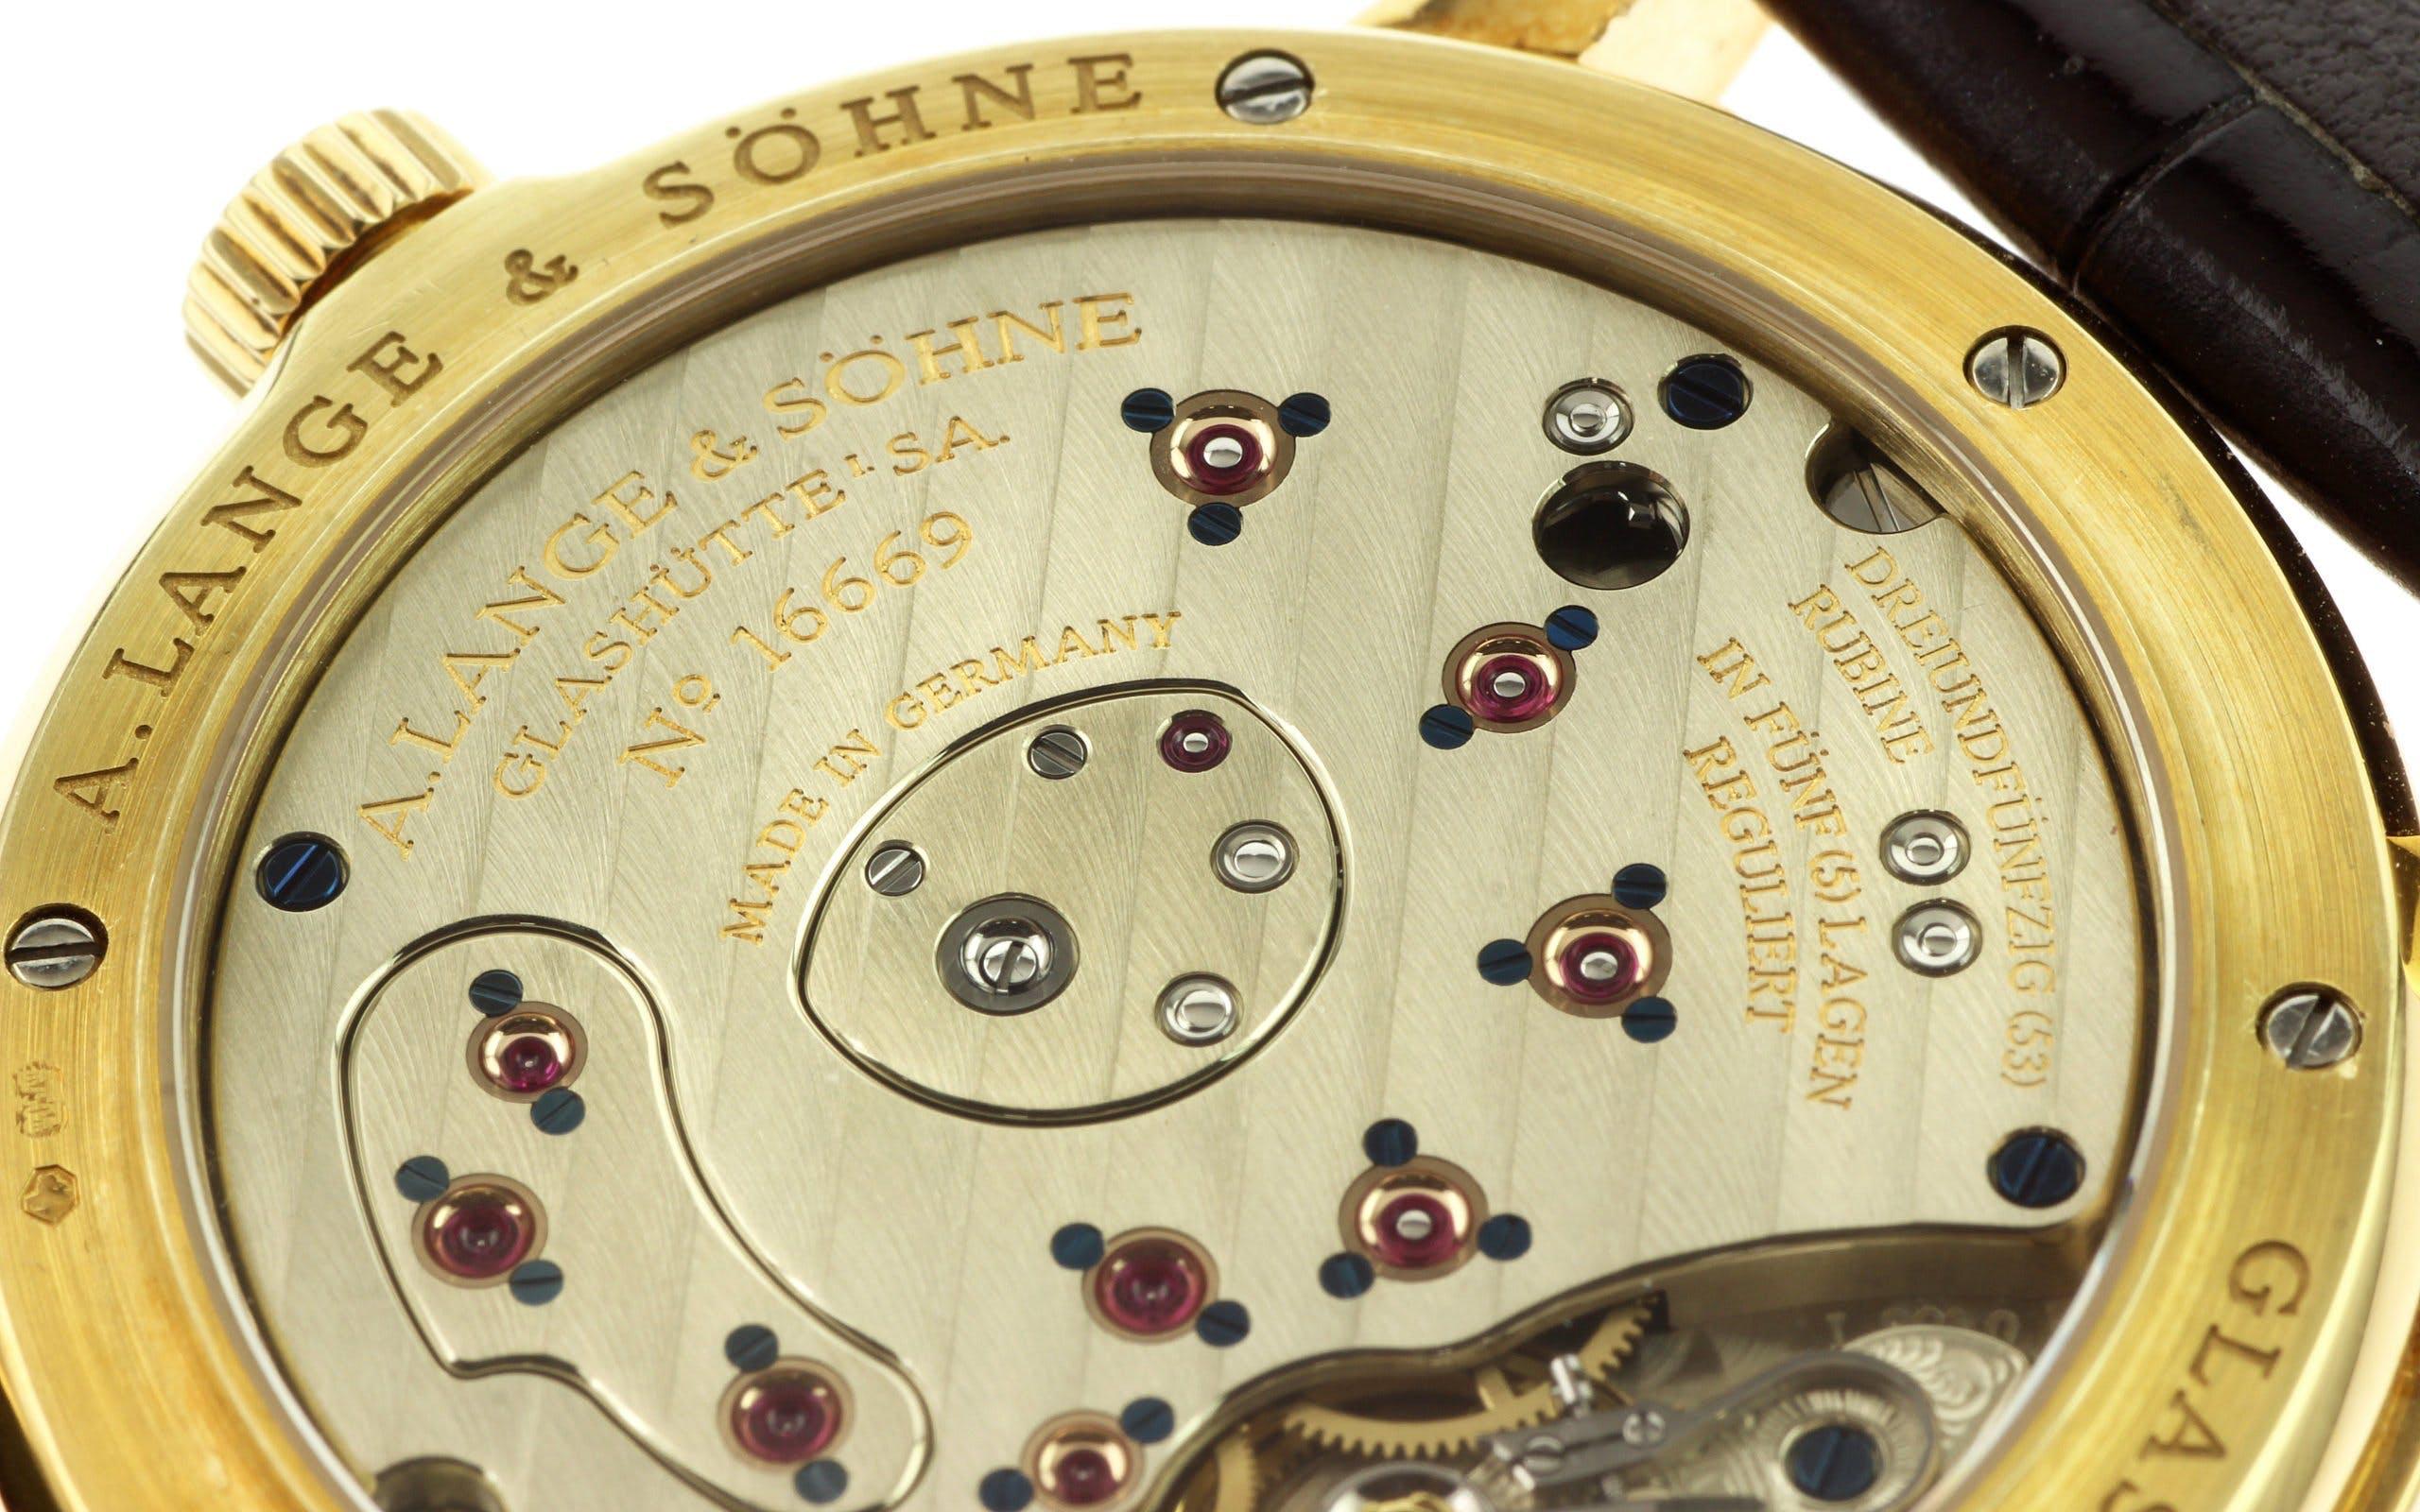 The A. Lange & Söhne caliber L901.0